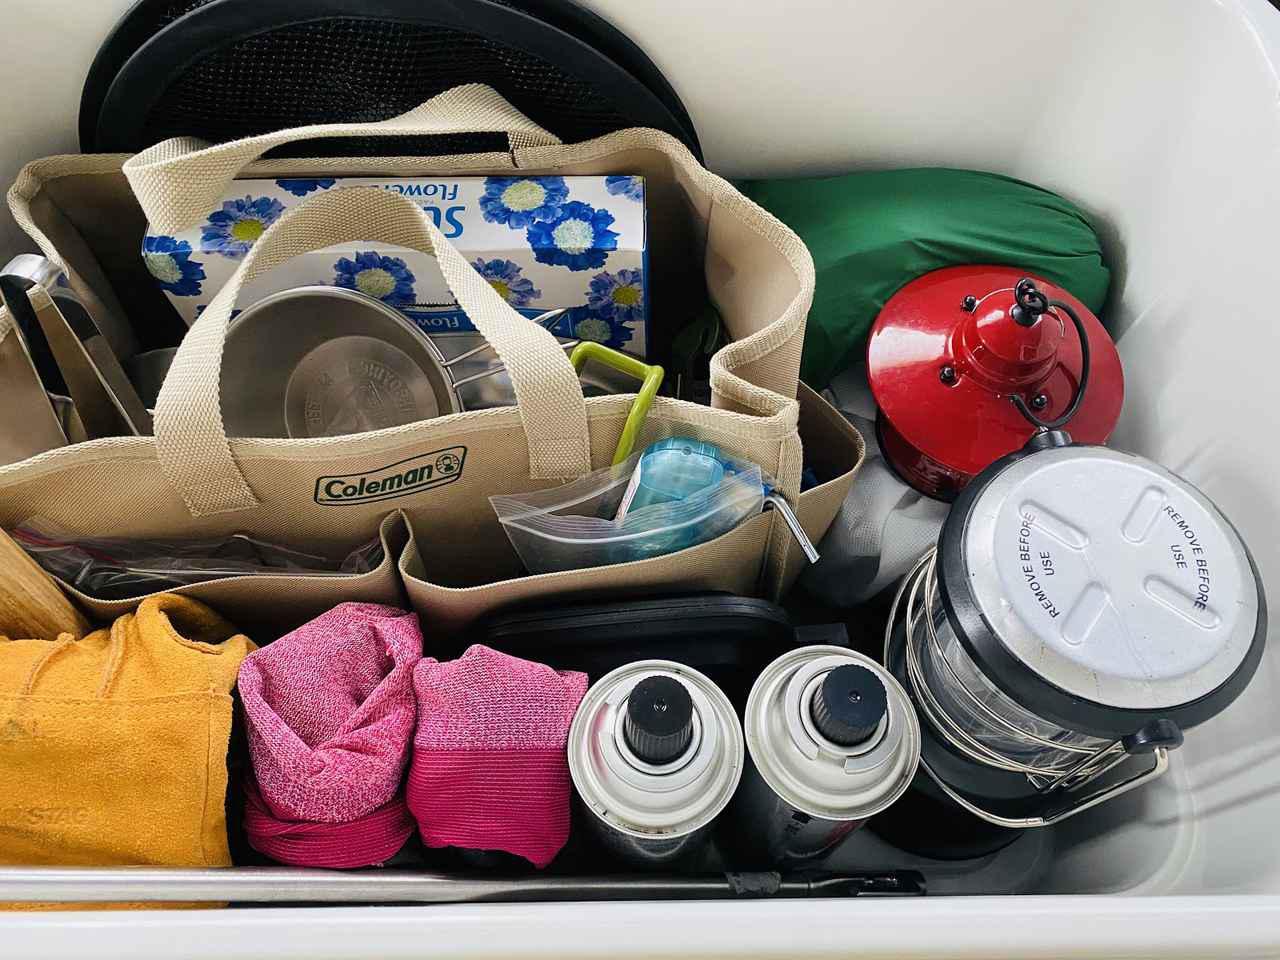 画像: 【コンテナボックス】キャンプ用品の収納悩みを解決!無印良品やニトリのコンテナボックスをご紹介 - ハピキャン(HAPPY CAMPER)